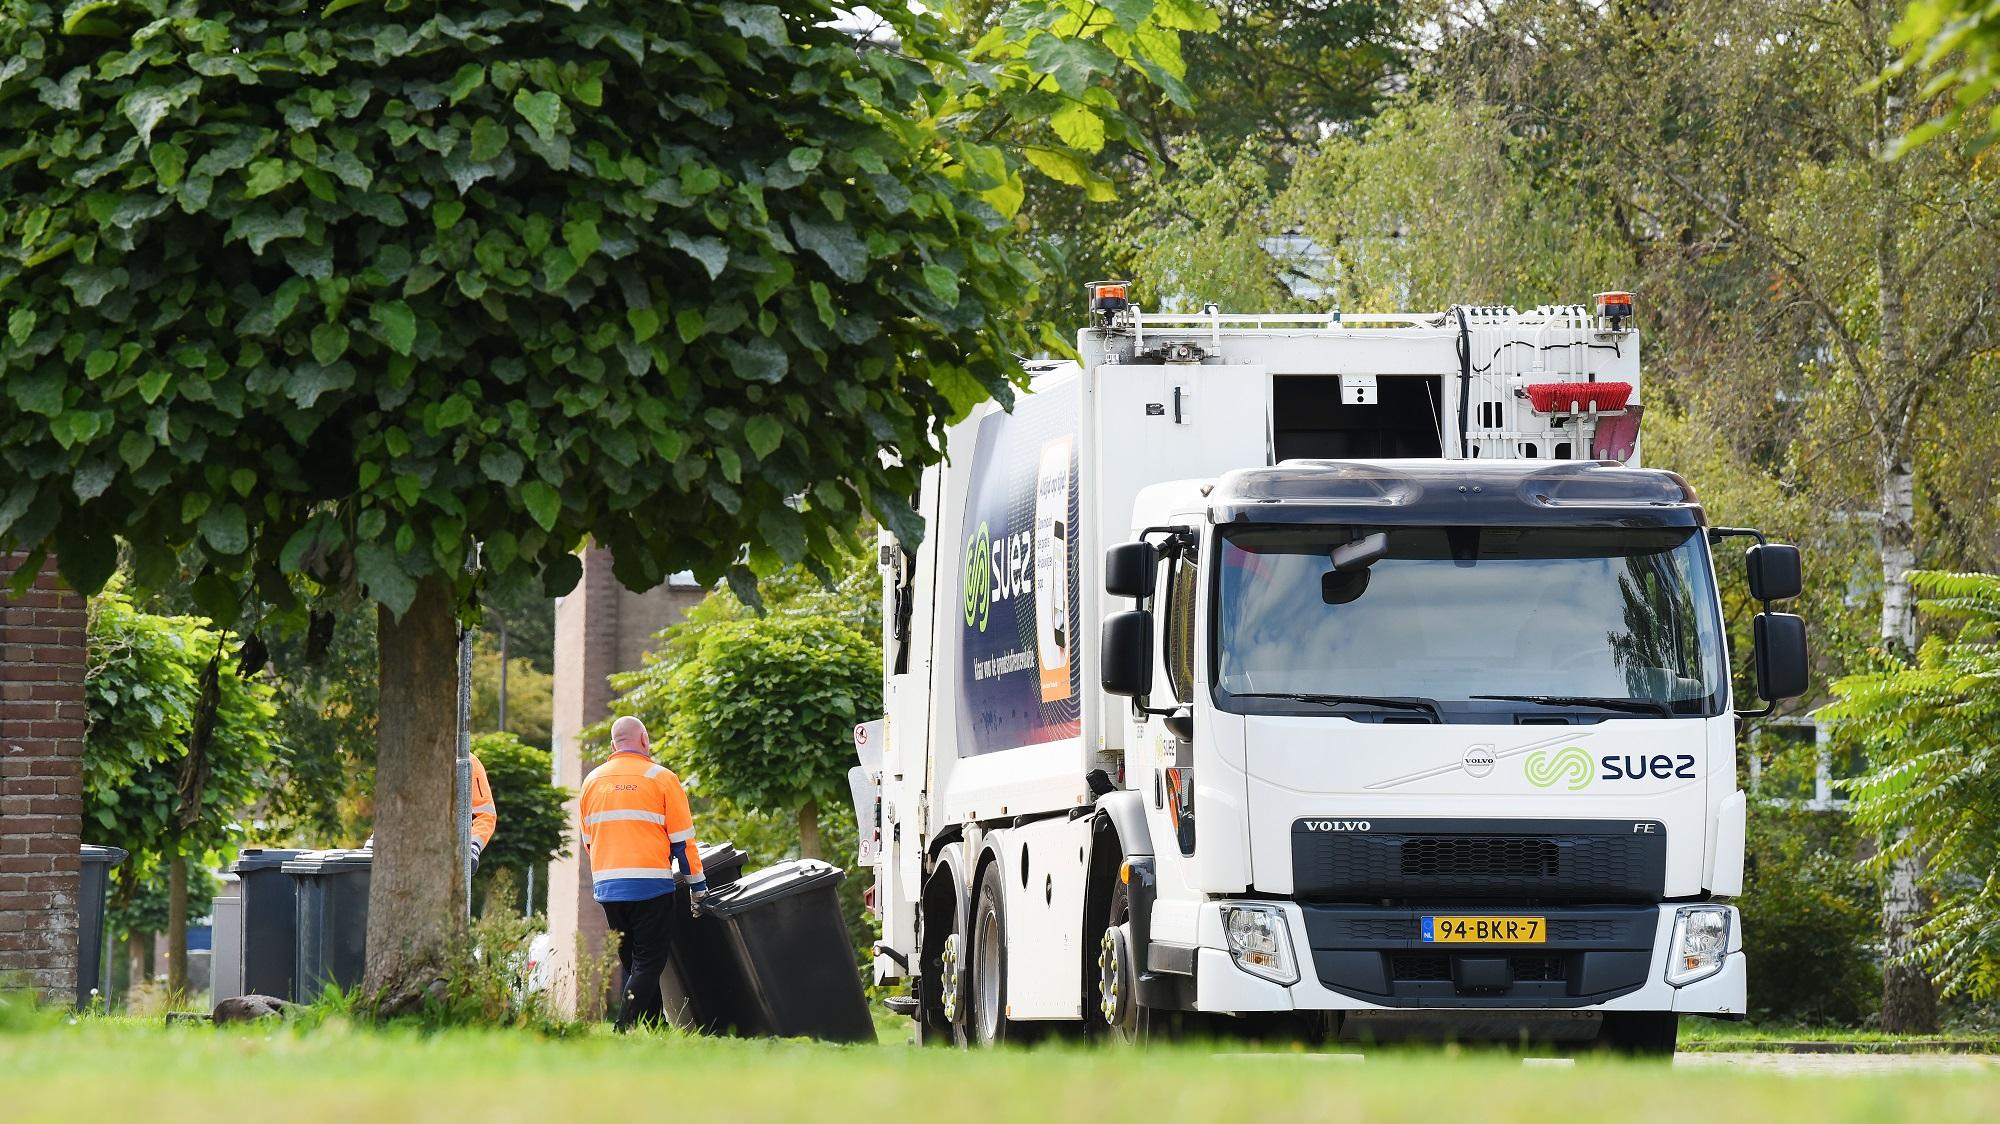 suez header coronavirus vuilniswagen 4